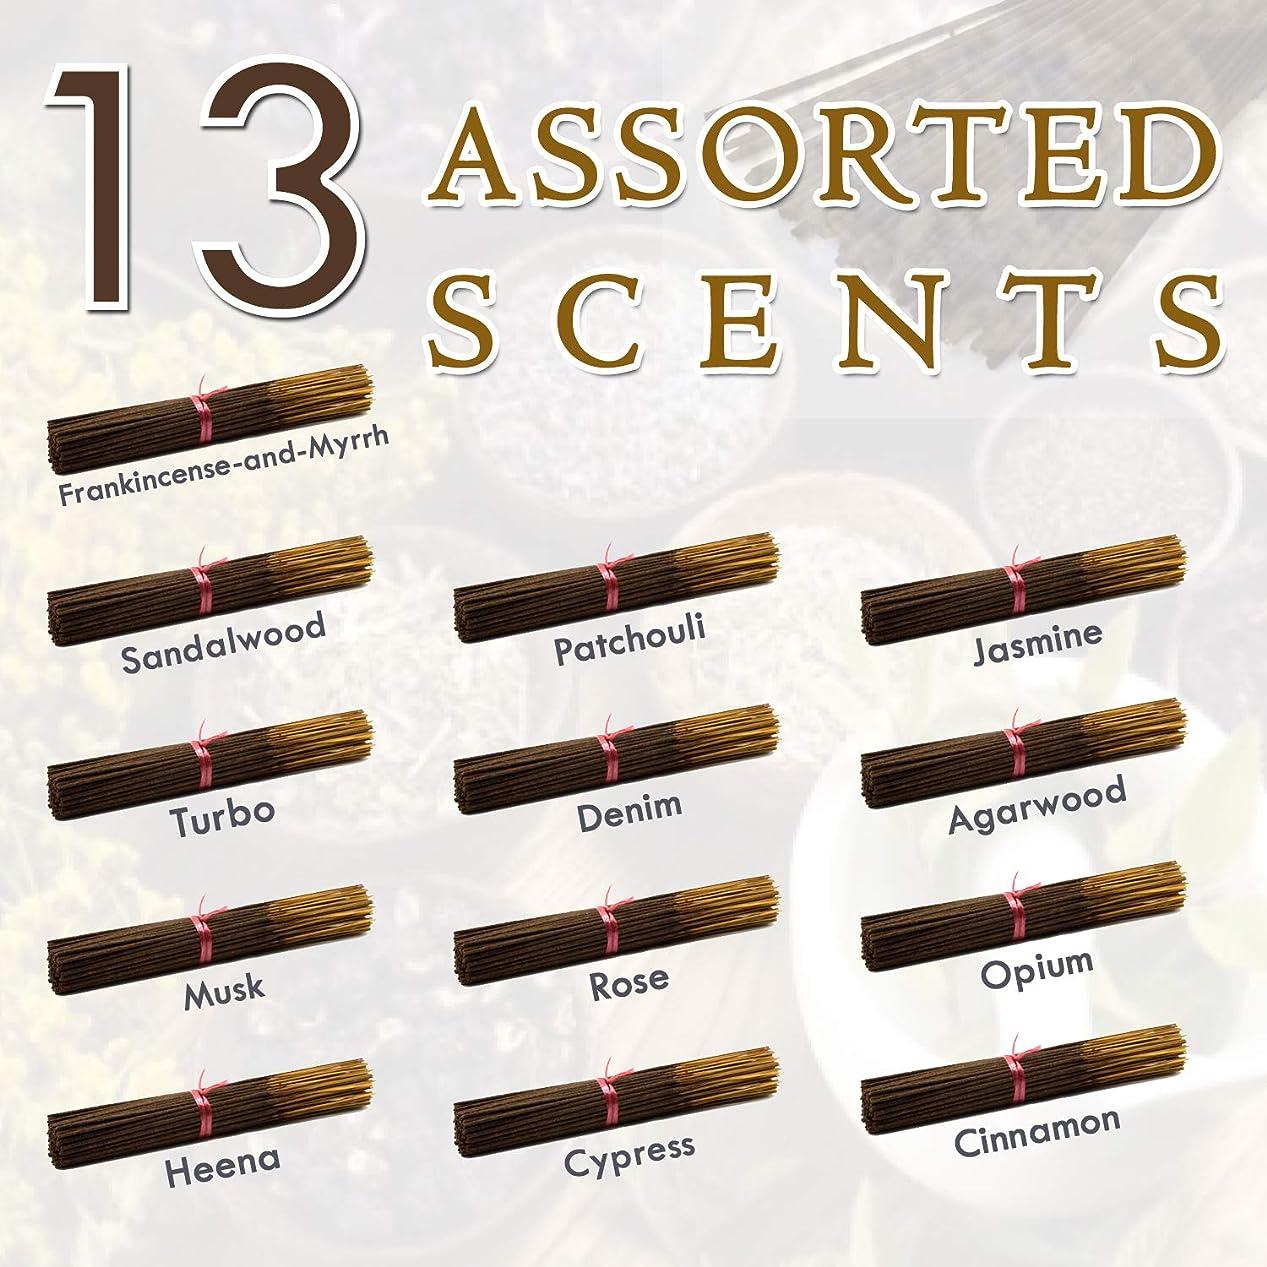 積極的に部族揮発性独占的な12種類の香り-乳香-ミルラ-サンダルウッド-パチョリ-ジャスミン-トゥルボ-デニム-ガーウッド-ム-ム-オピウム-ヘナ-サイプレス- 100%-天然インセンス-スティックハンドメイド - 手作り - 240-パック -